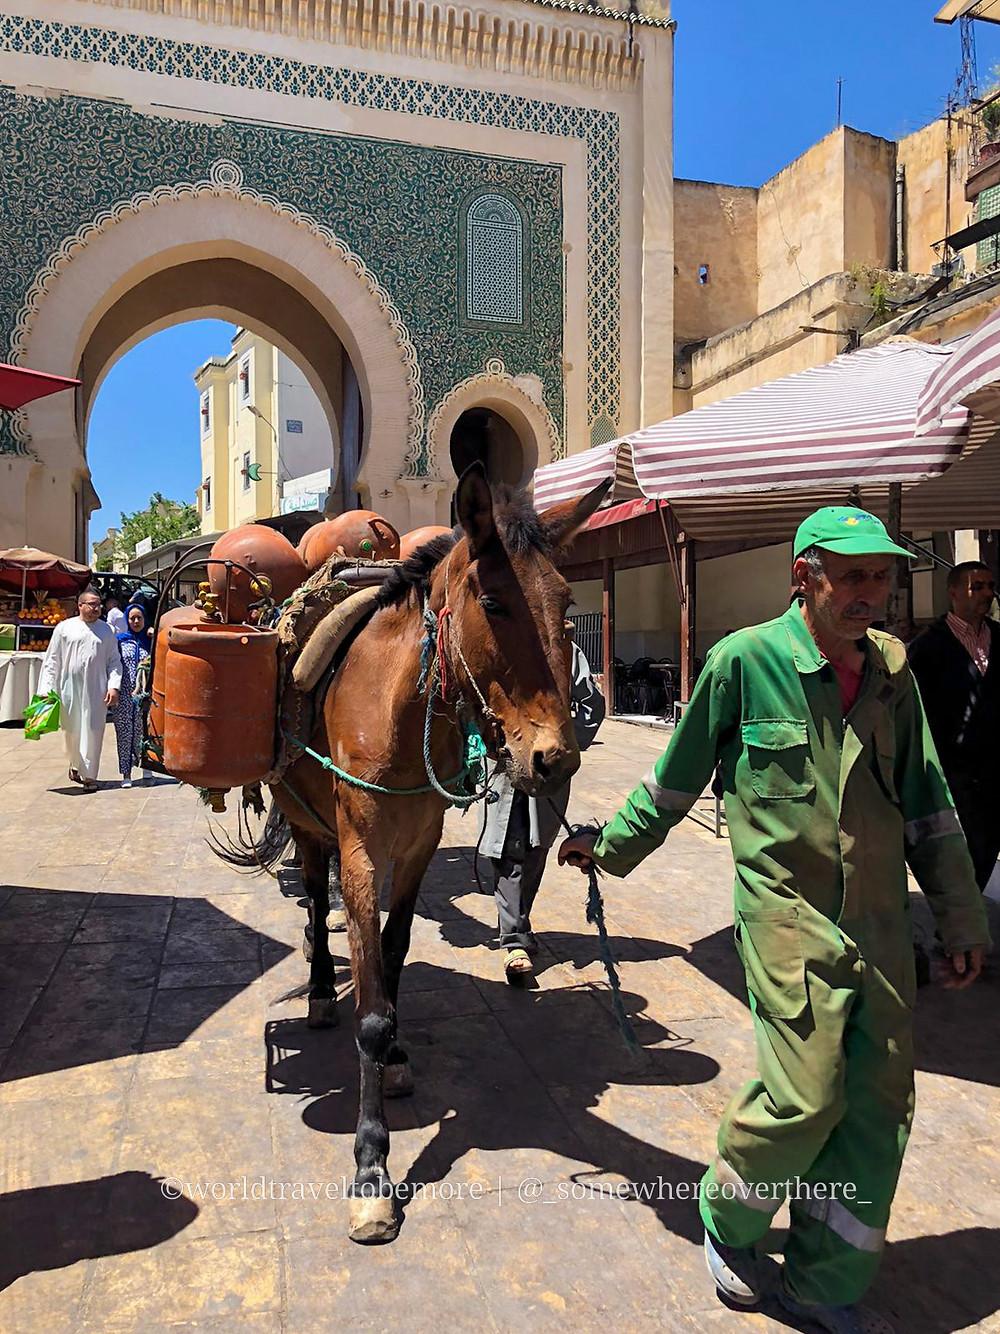 Alle spalle del cavallo carico di bagagli, la porta blu di Fez, Marocco. |worldtraveltobemore.com